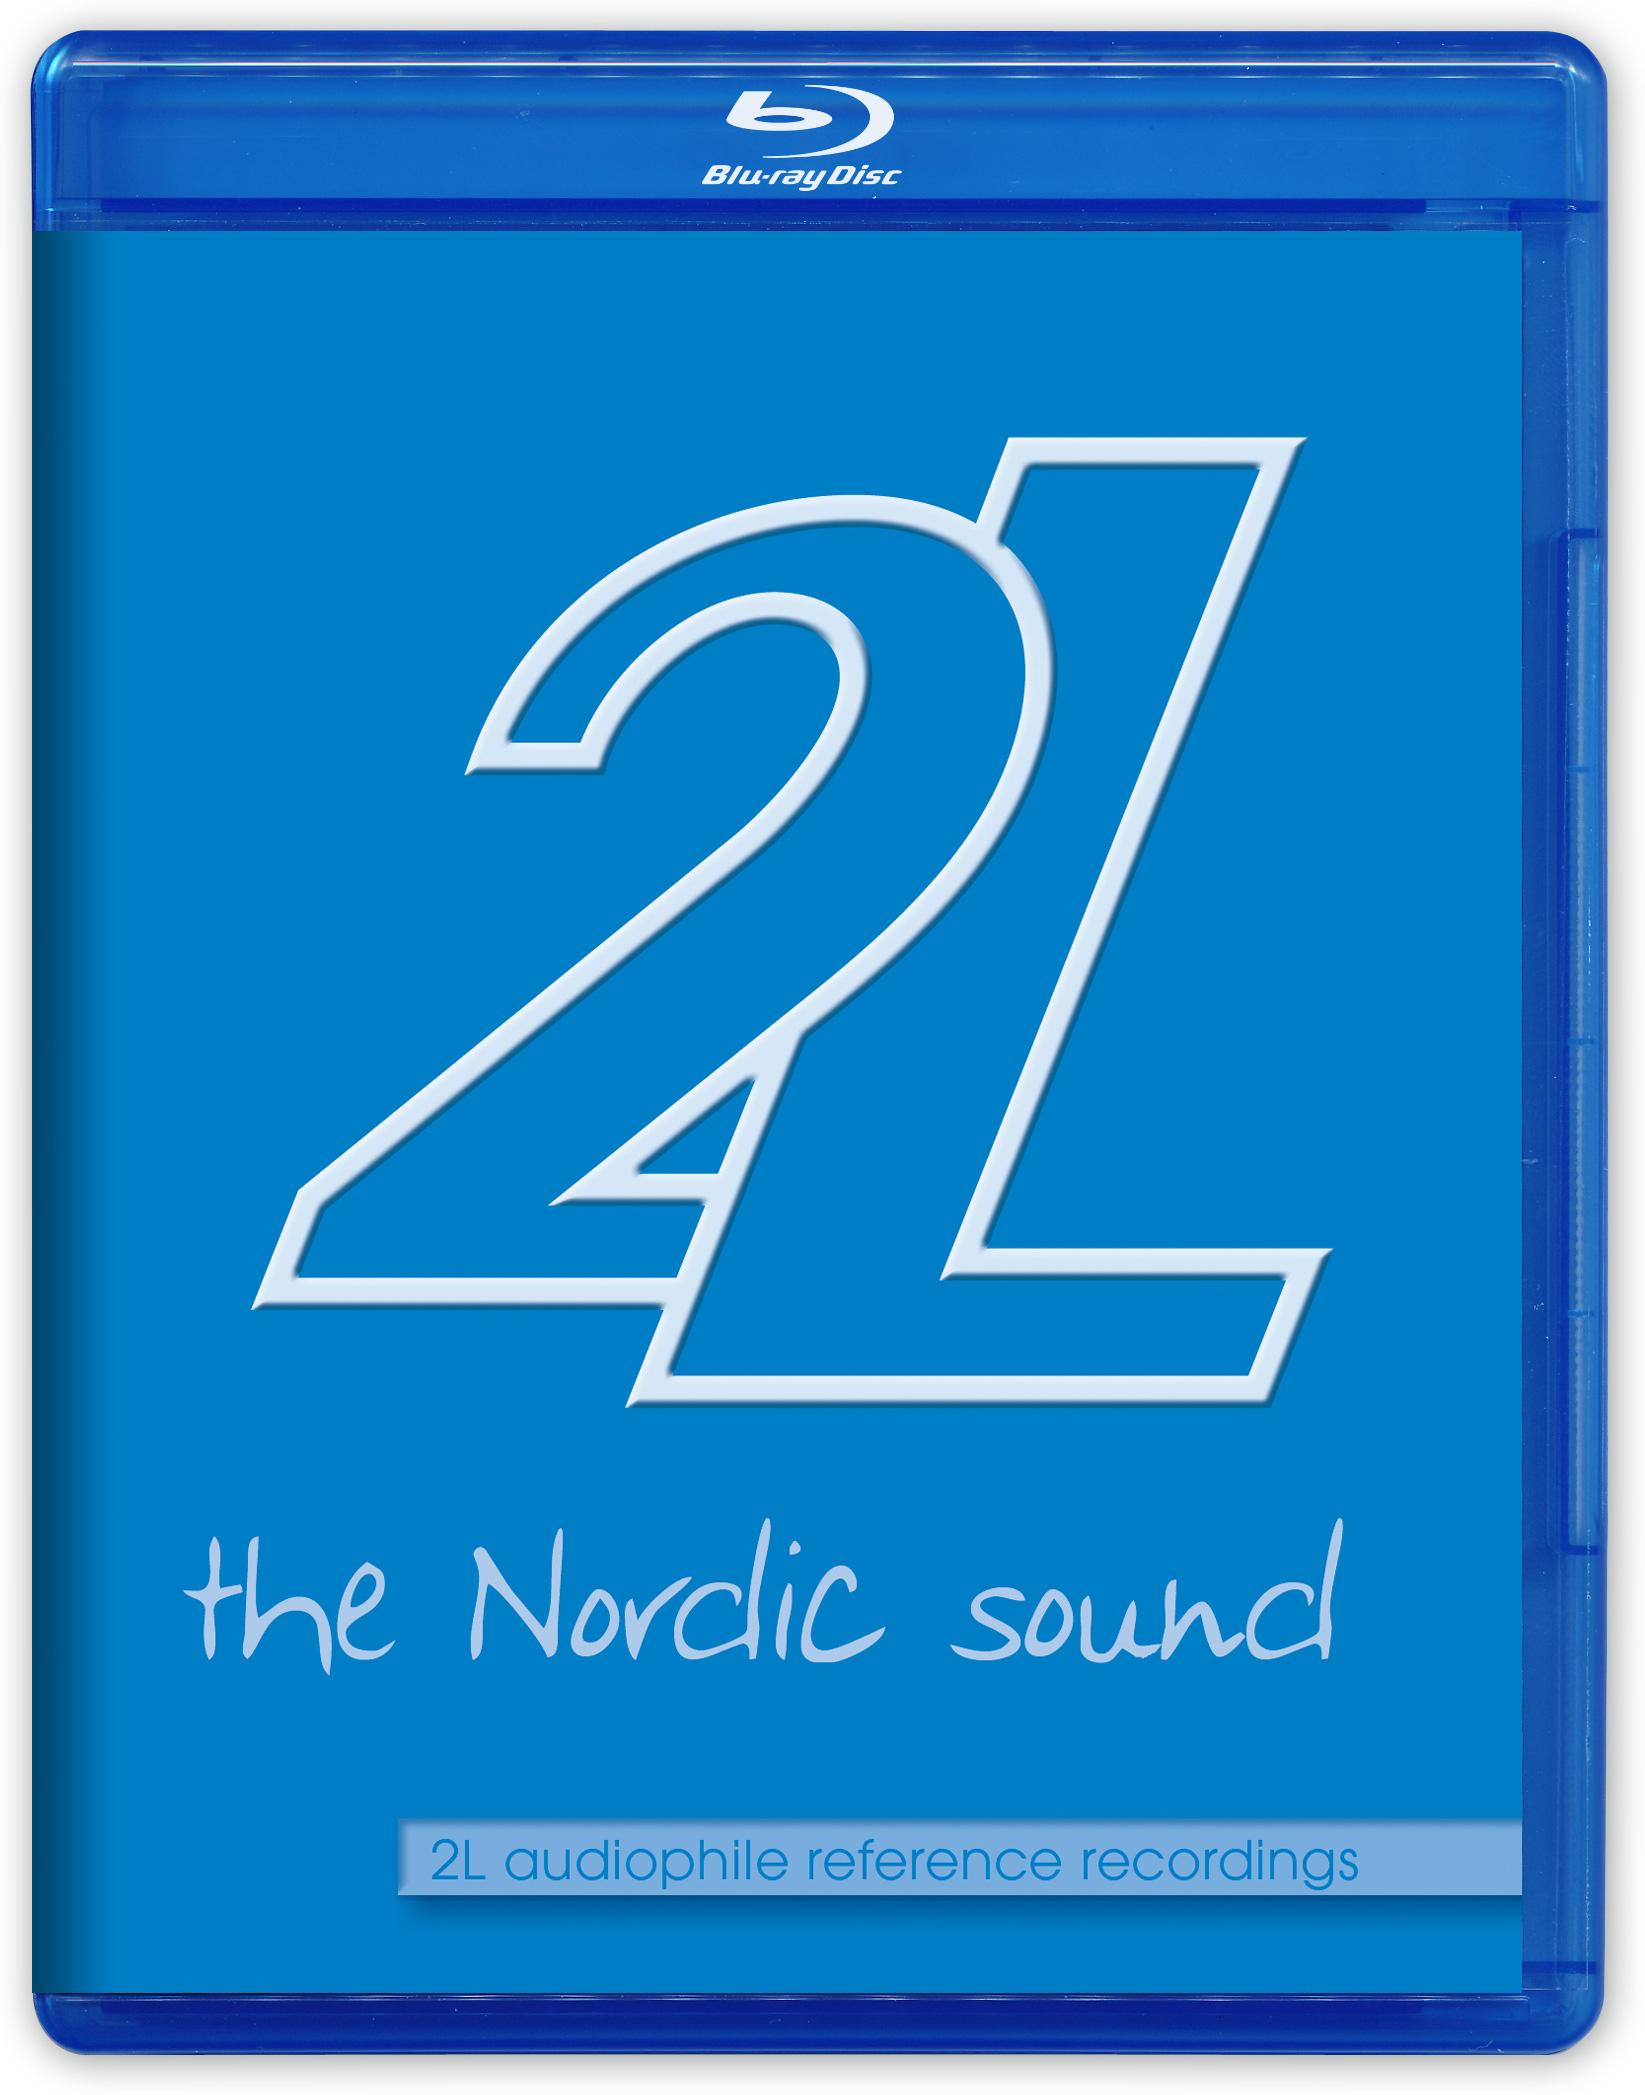 Album: The Nordic Sound (2L-RR1-SABD)